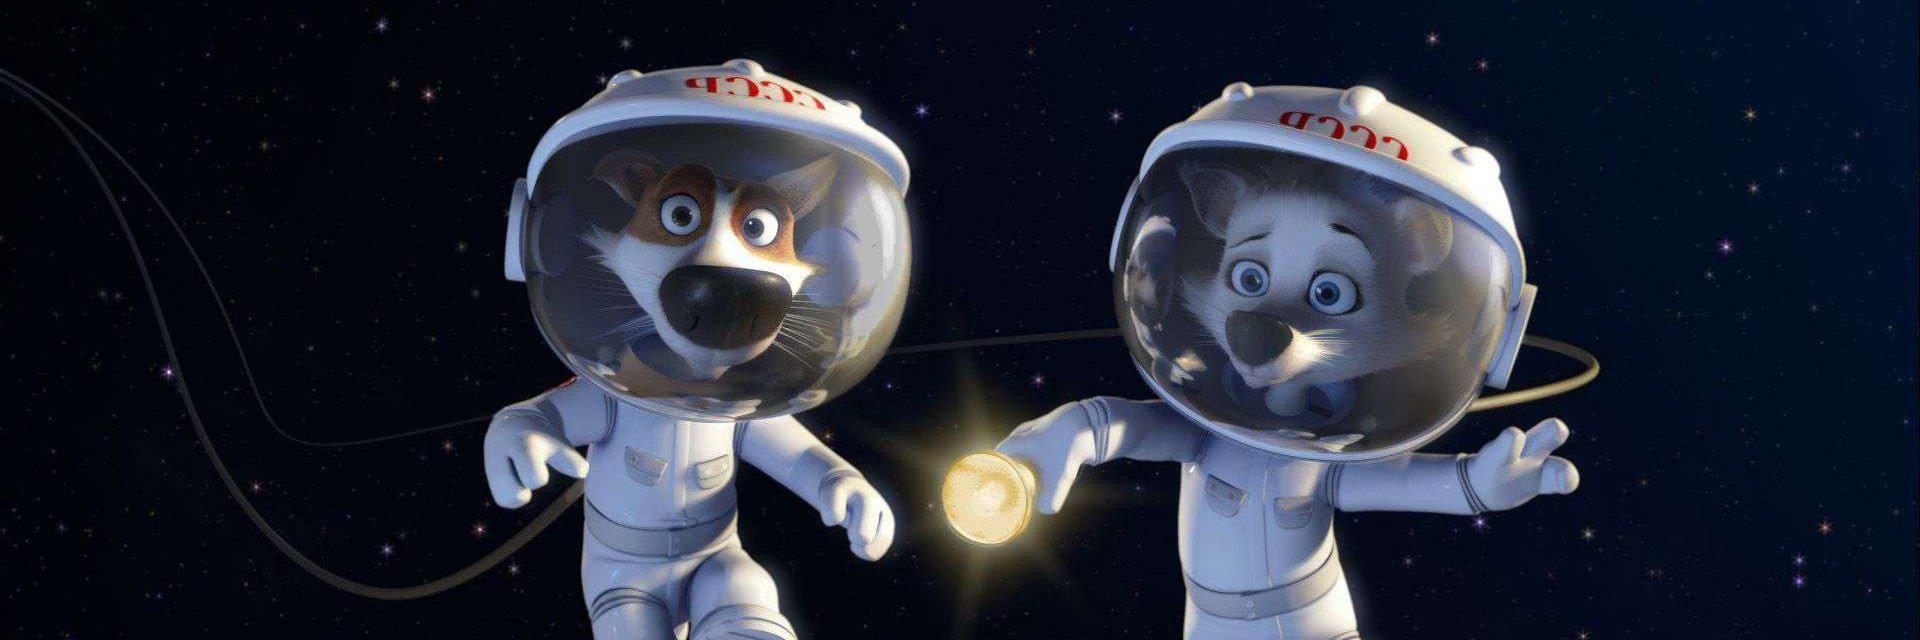 Белка и стрелка звездные собаки картинки для детей